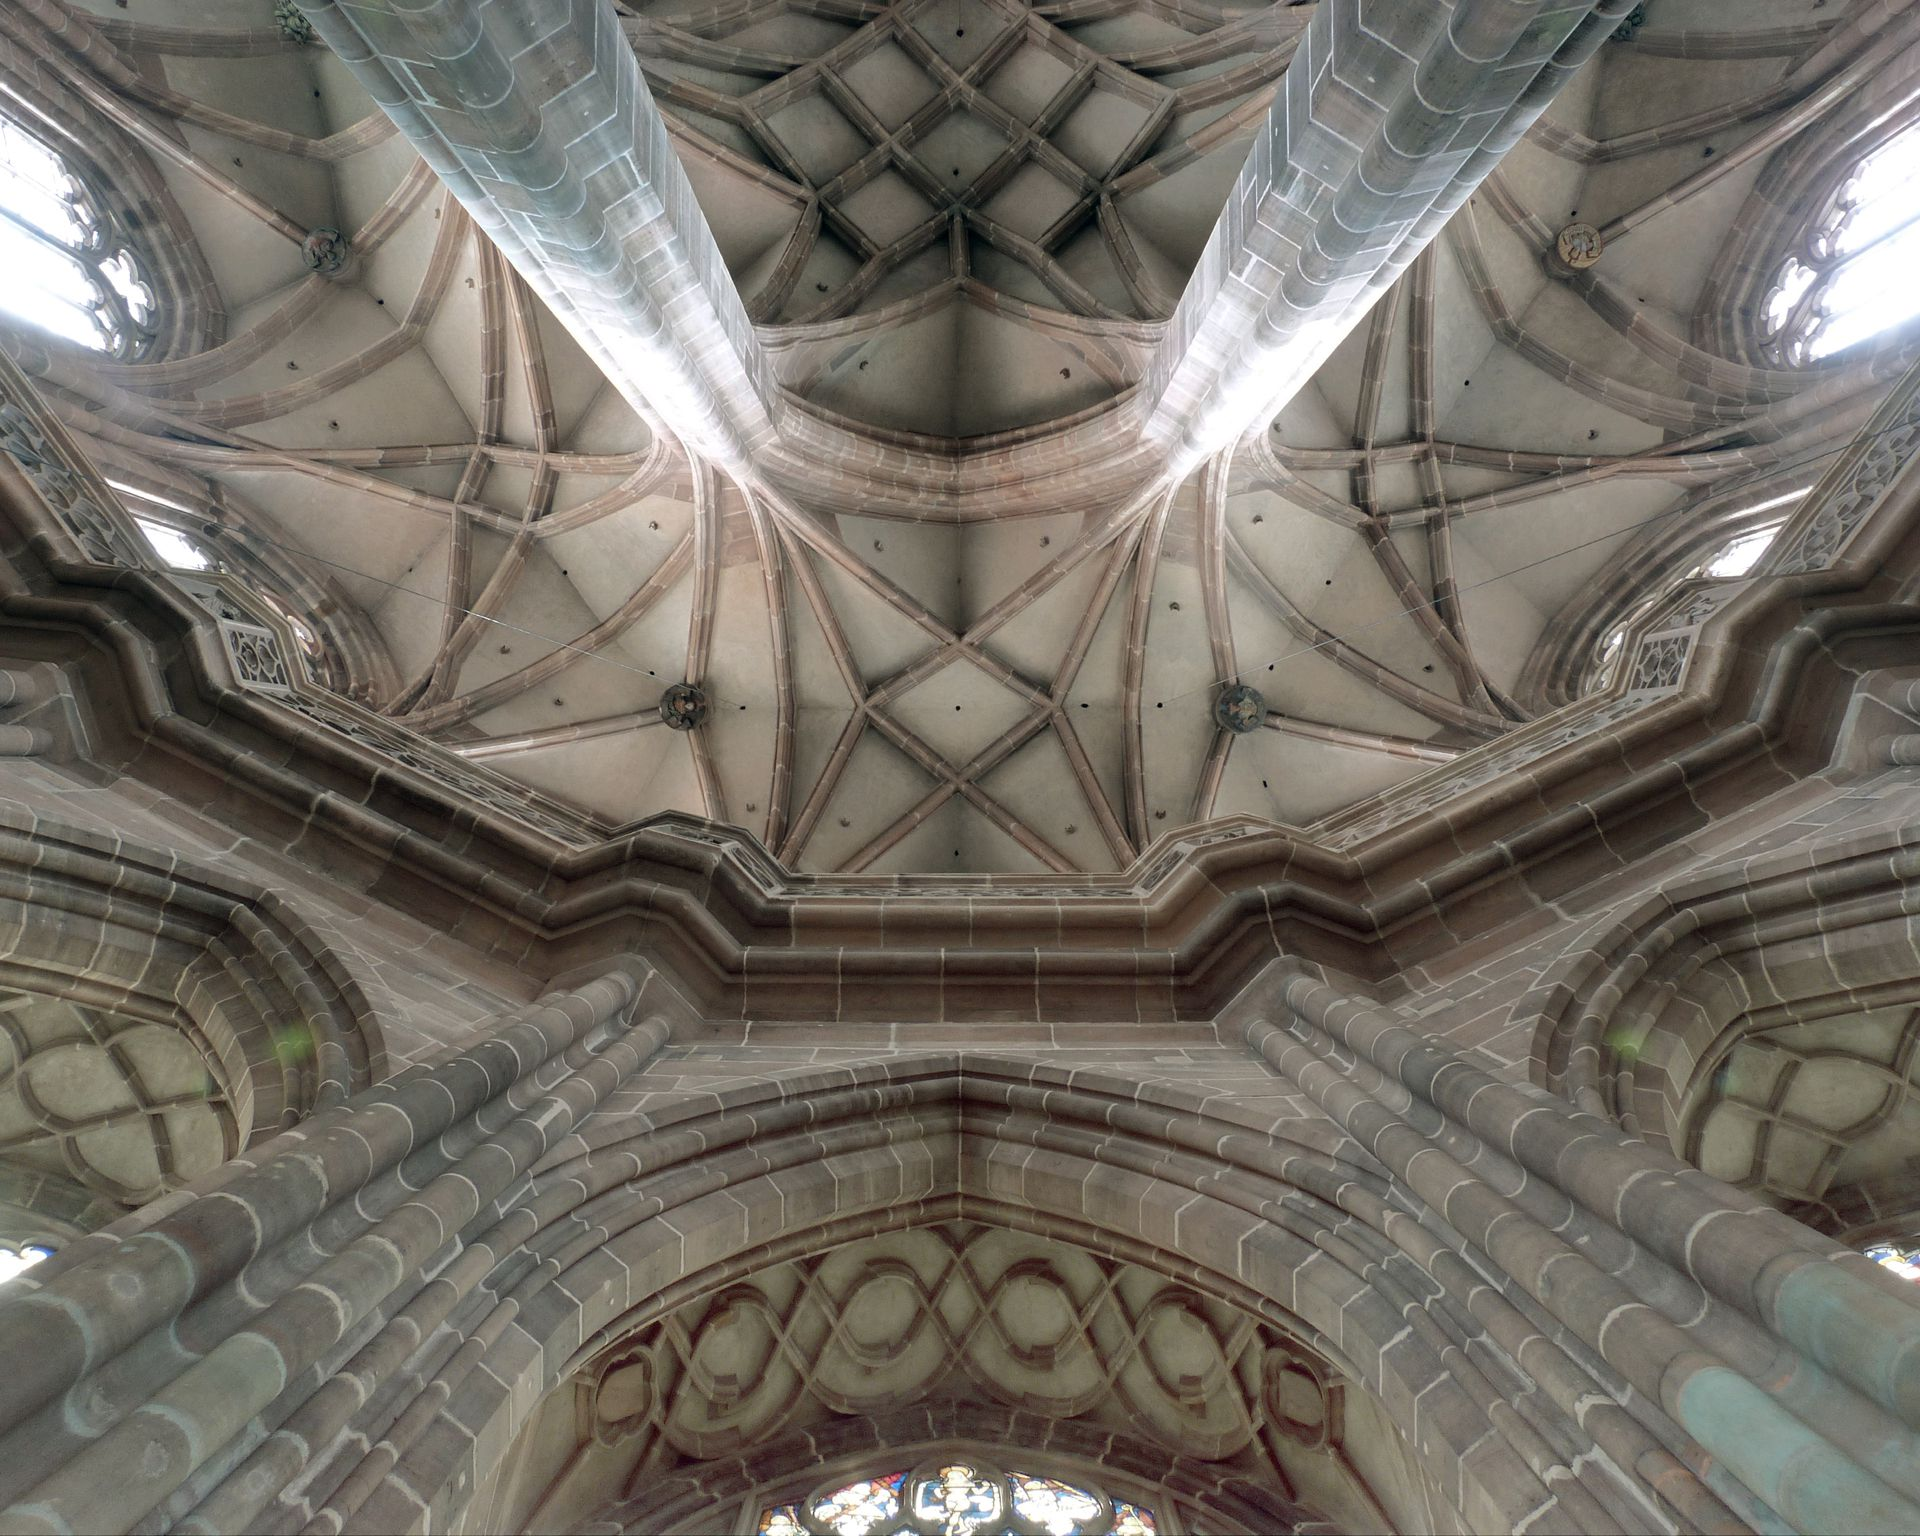 St. Lorenz, Chor Ansicht in der Chorachse mit Kapellenkranz, Laufgang und Umgang.